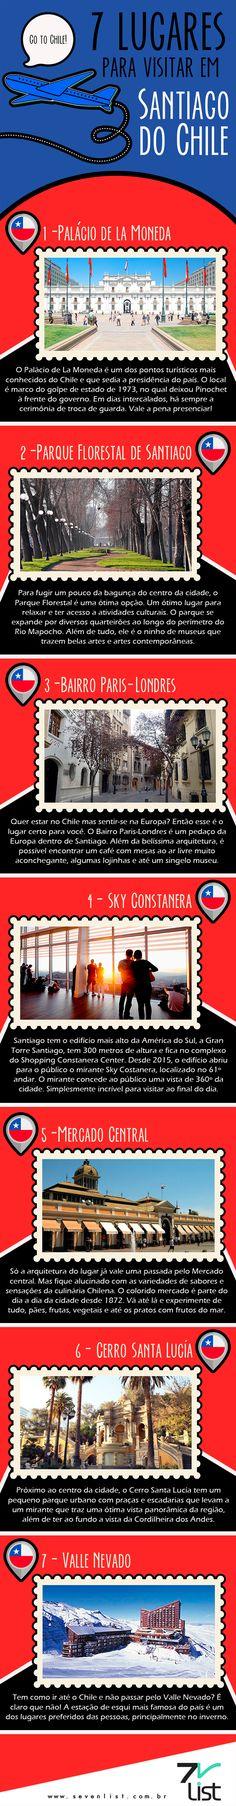 Viagem para: Chile